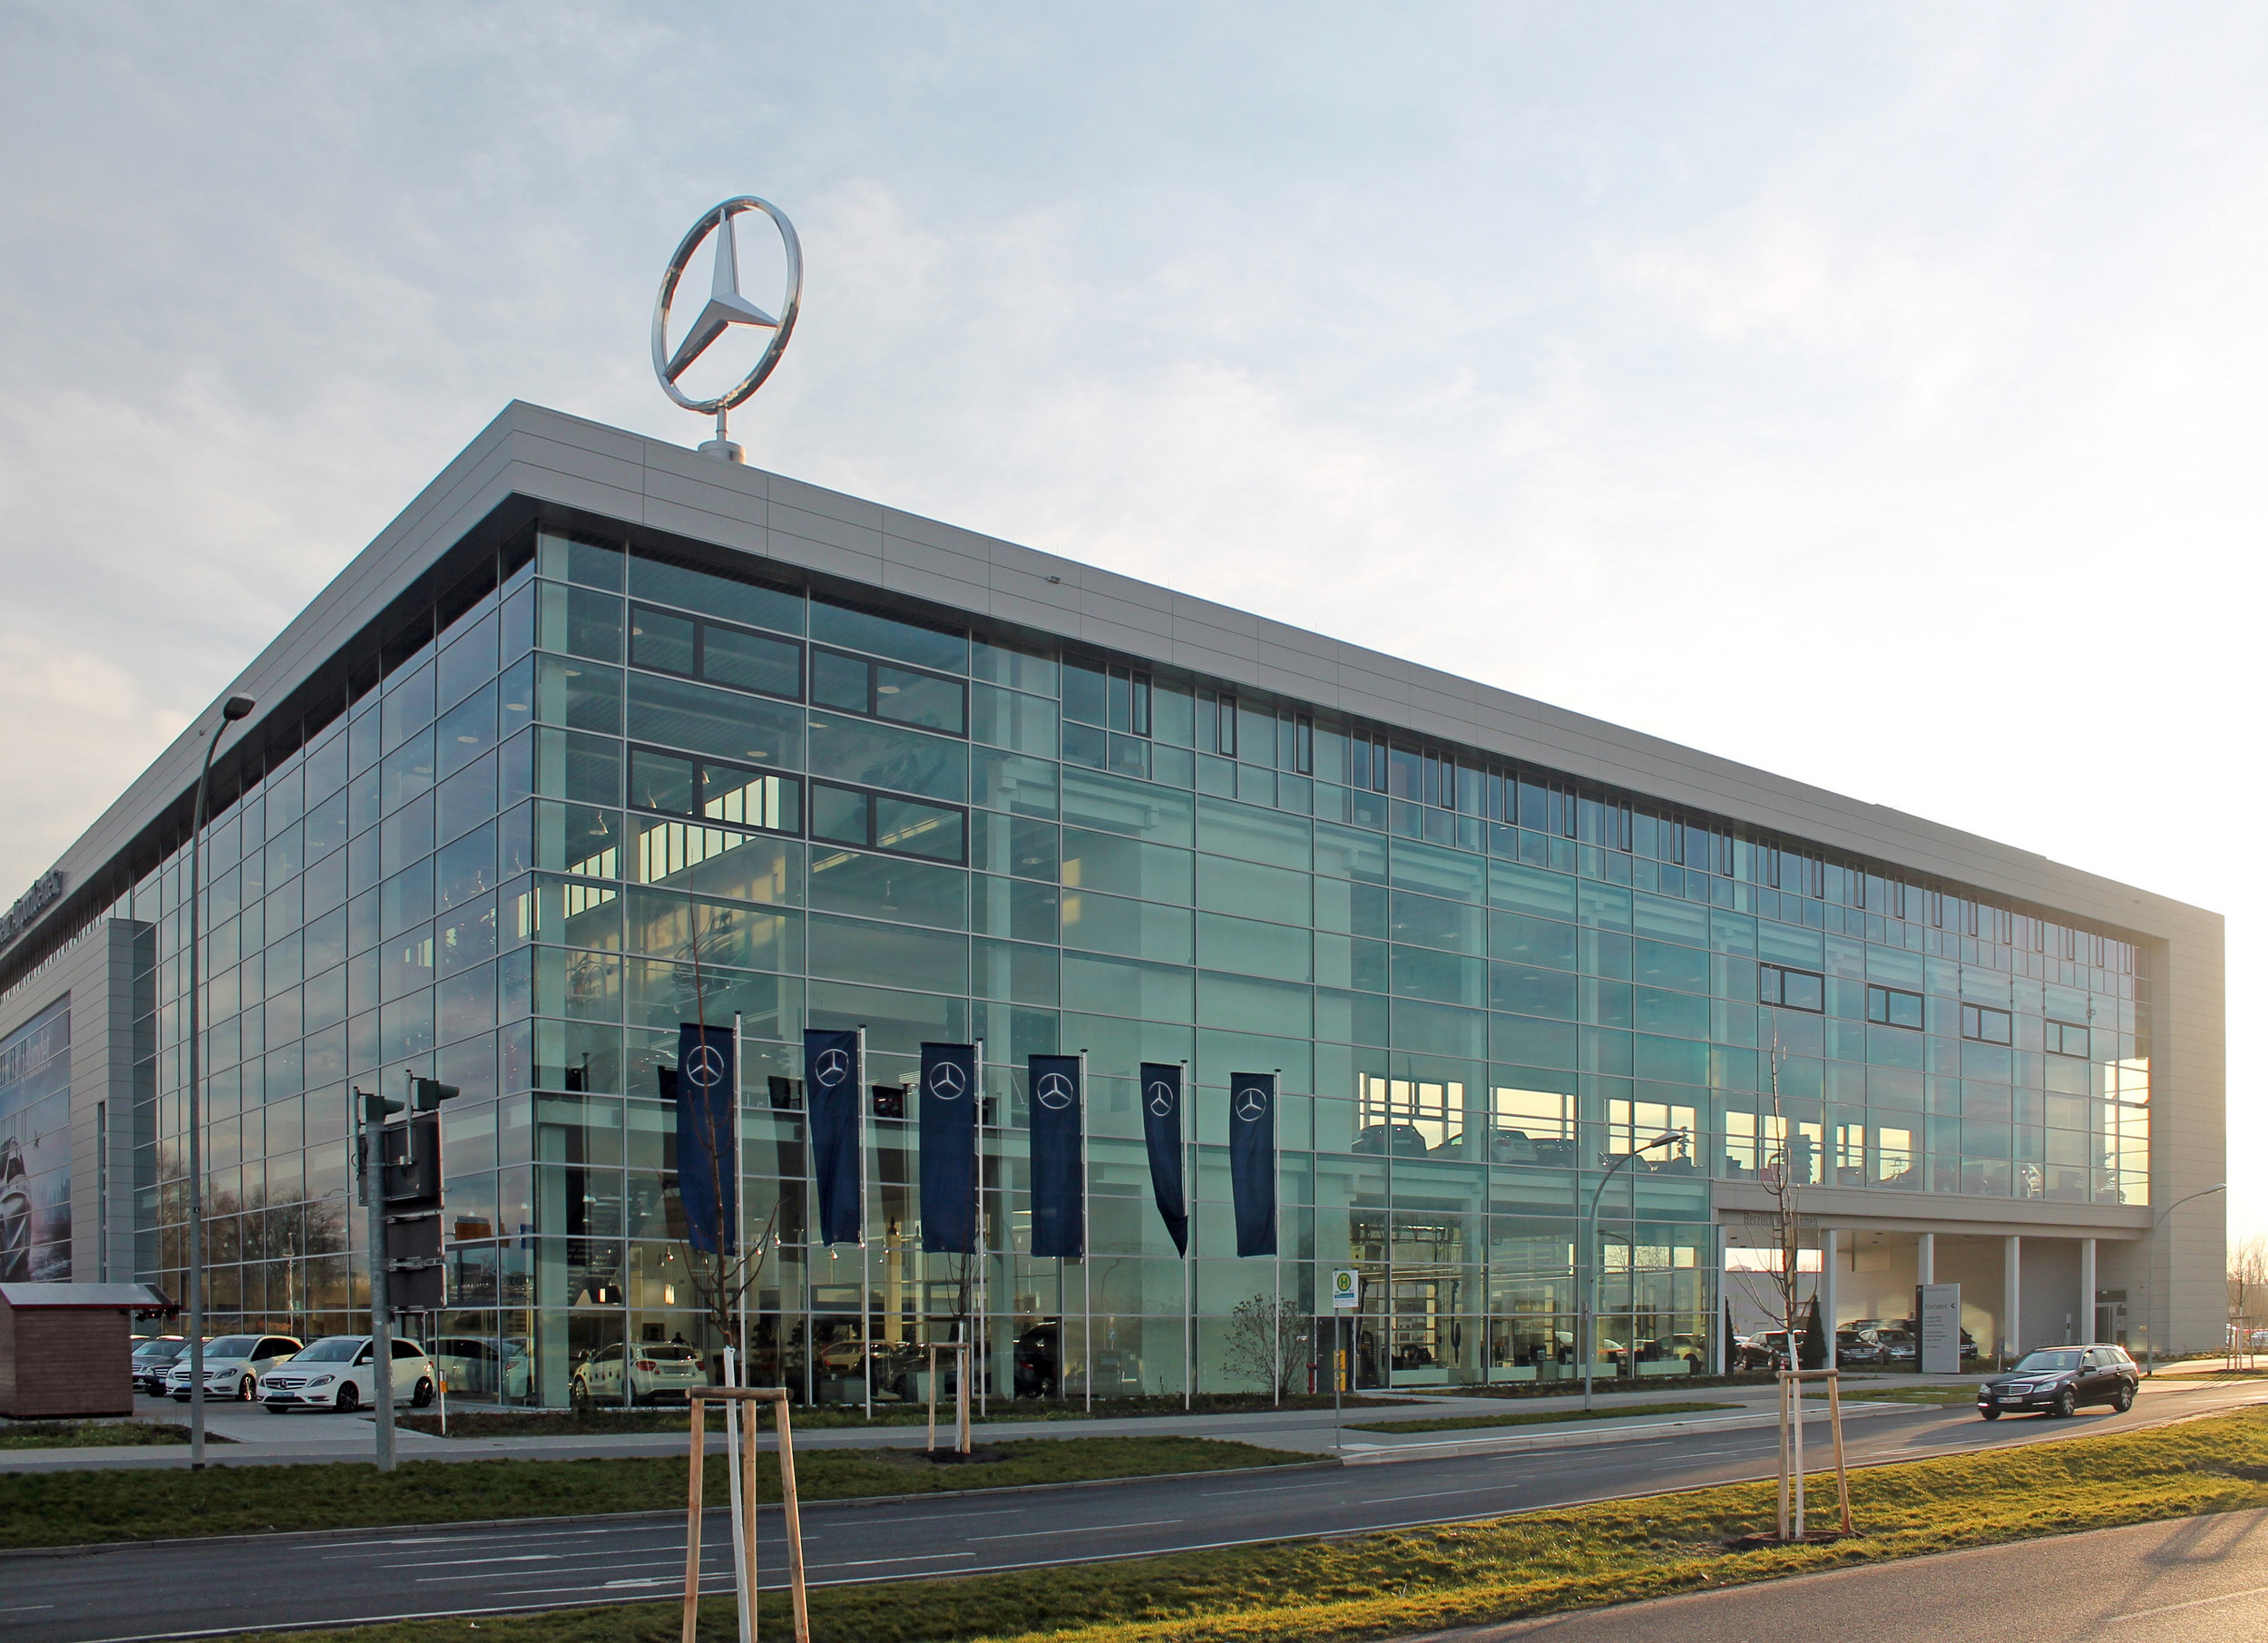 Mercedes Niederlassung, Berlin /PSP Architekten, Berlin